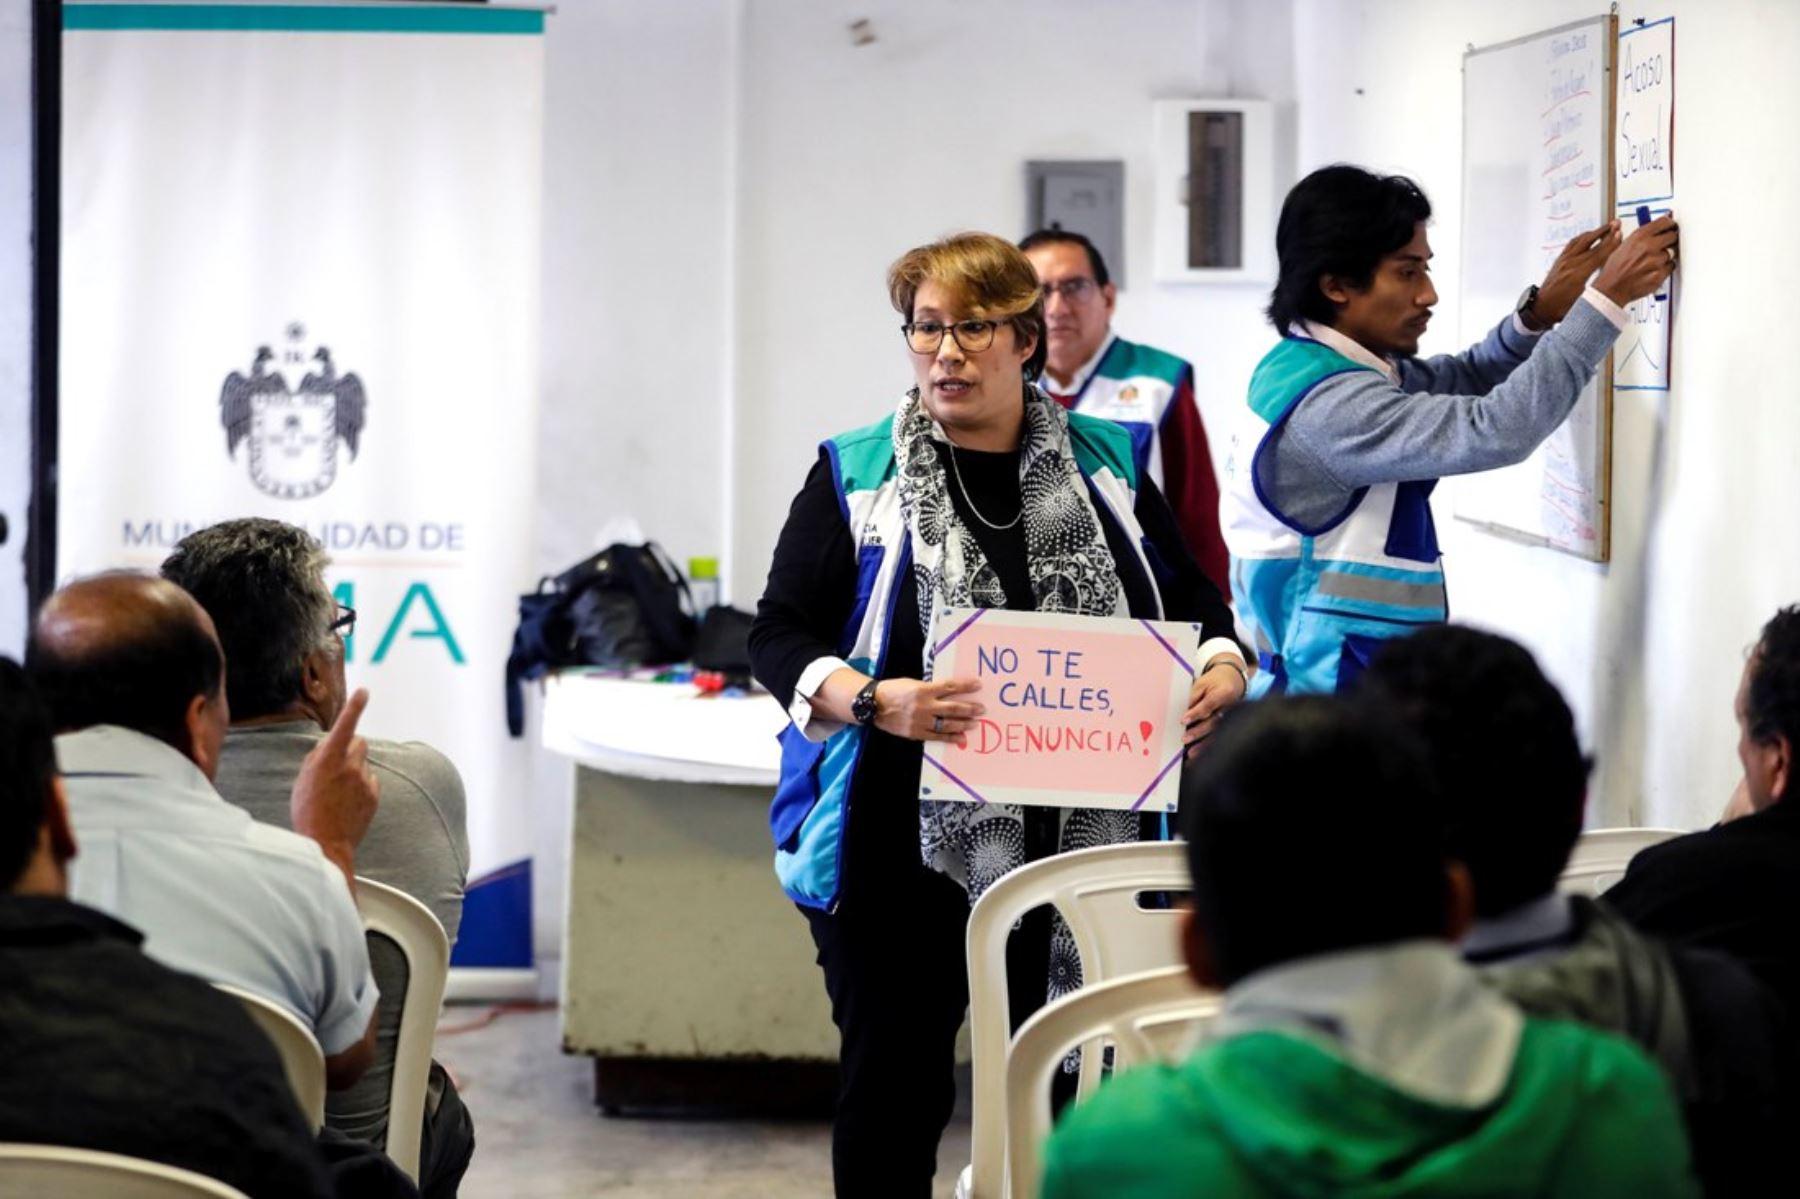 Capacitan a conductores del Corredor Azul para evitar el acoso sexual. Foto: ANDINA/Muni Lima.